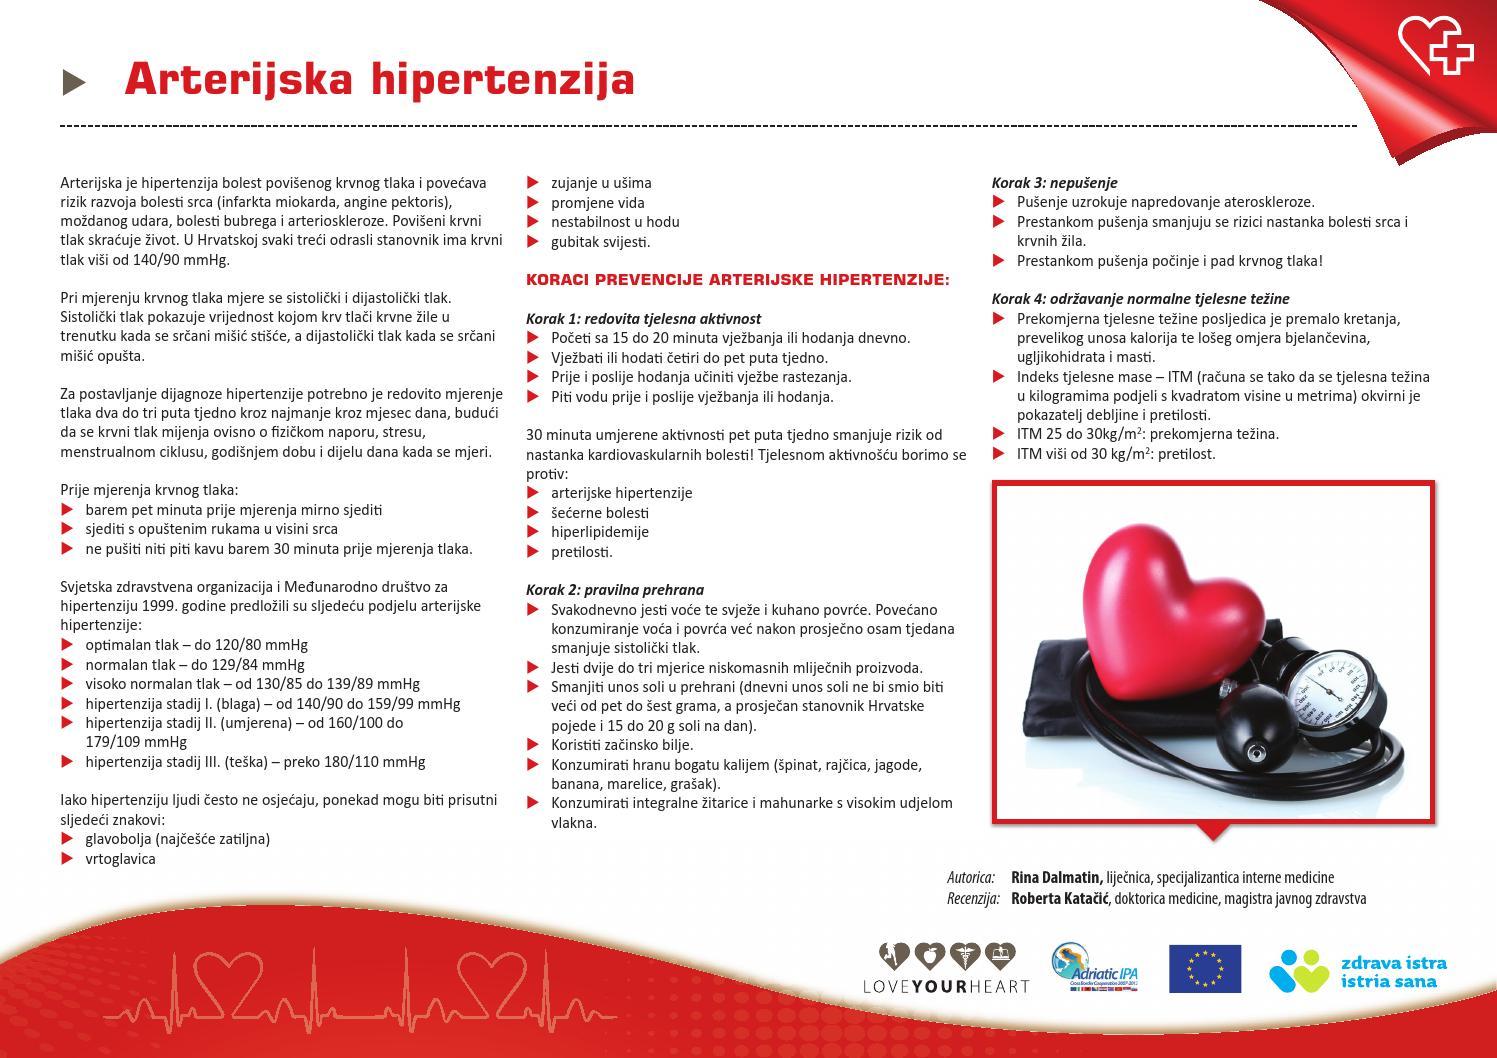 korak hipertenzija koji je liječenje hipertenzije u bolnici